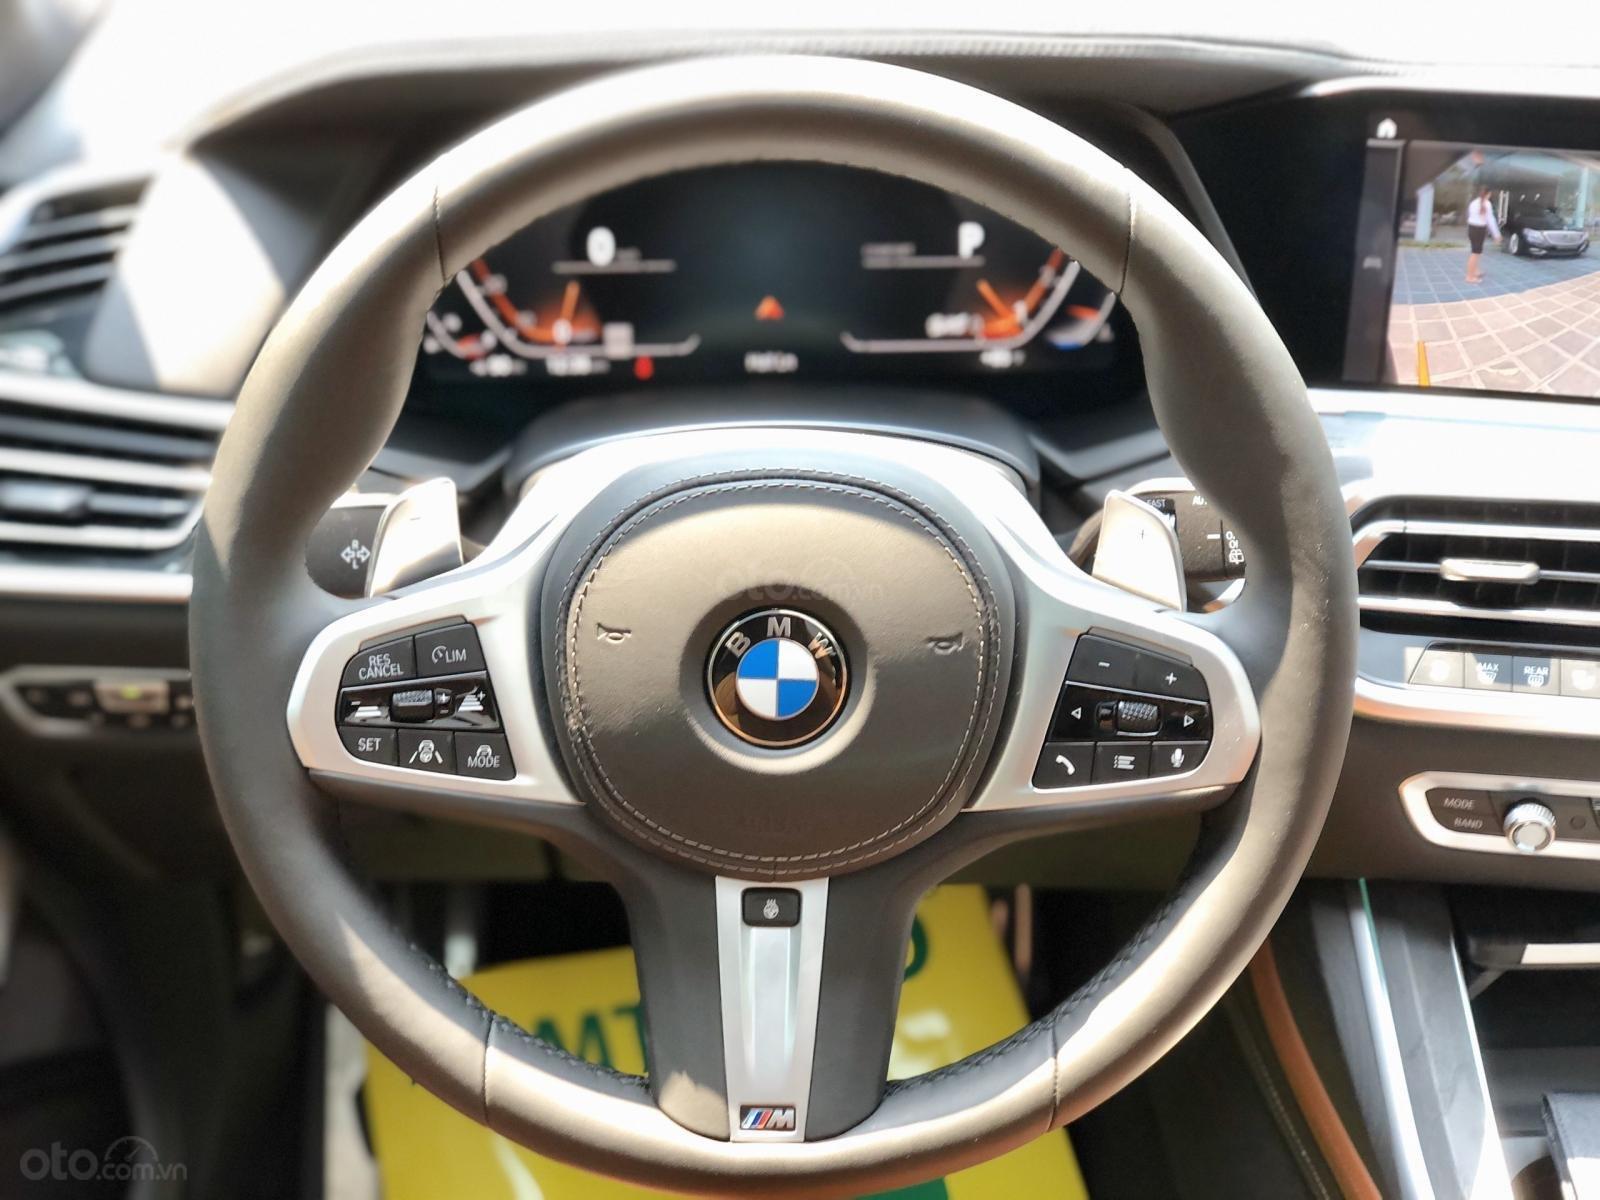 Bán BMW X7 XDrive40i M-Sport sản xuất năm 2019 full kịch option, màu đen, xe nhập Mỹ, mới 100% giao ngay, LH 0982.84.2838 (9)